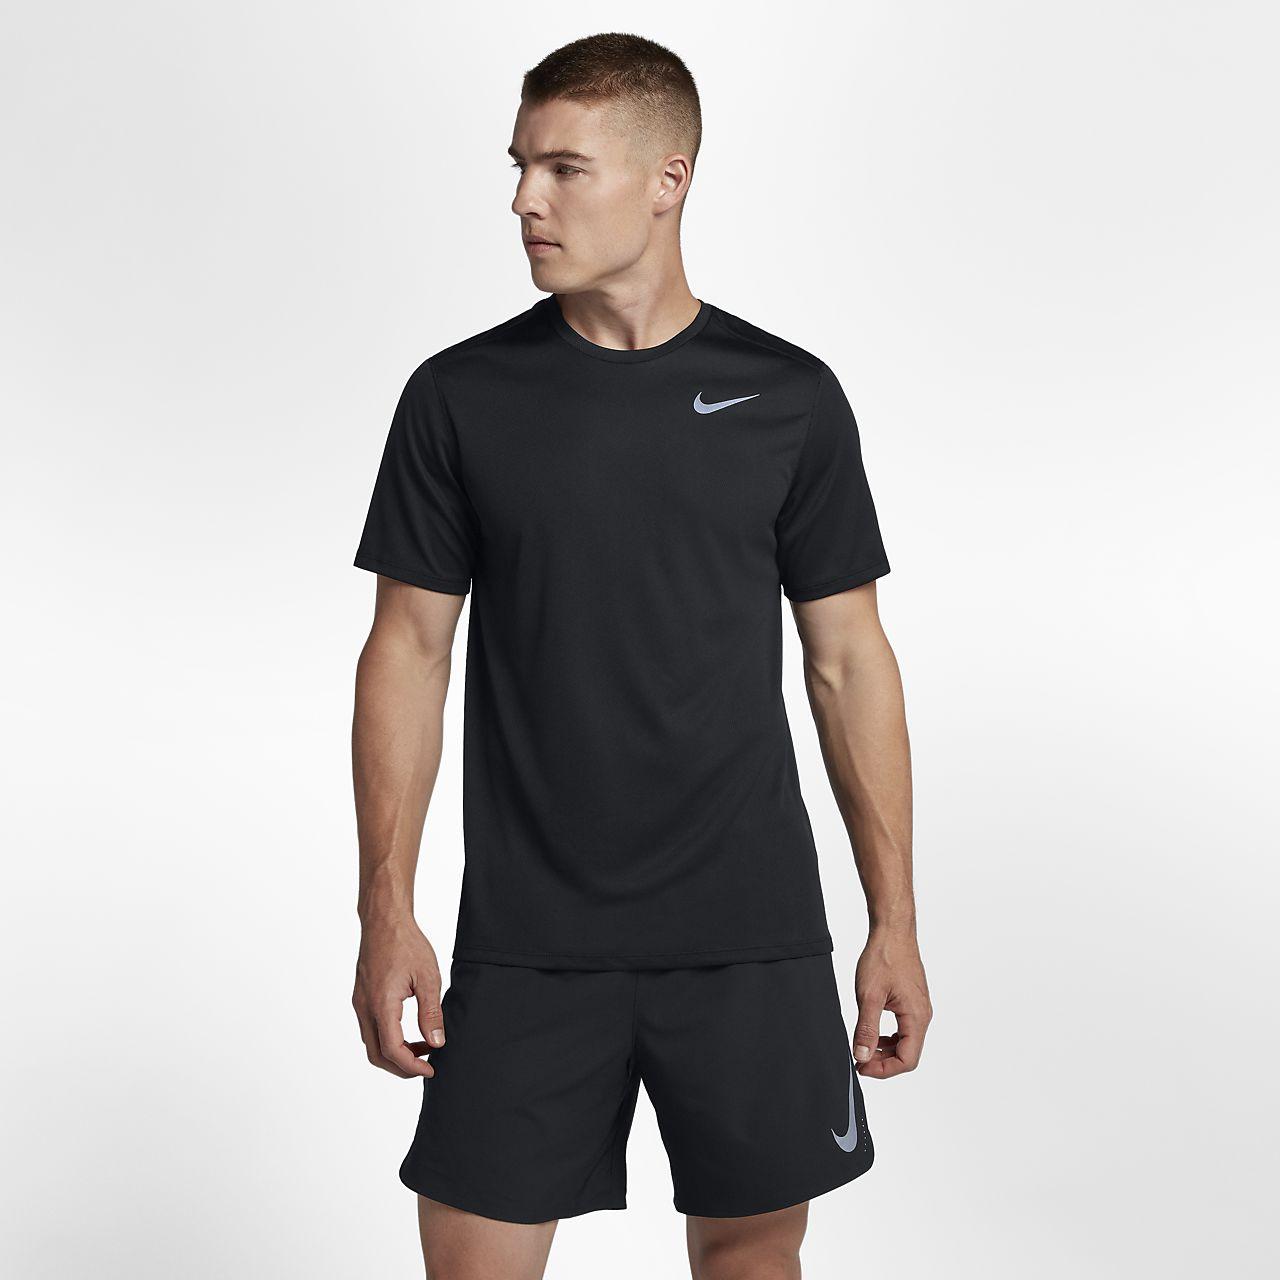 7e6997d8b26 Top de running para hombre Nike Breathe. Nike.com PR